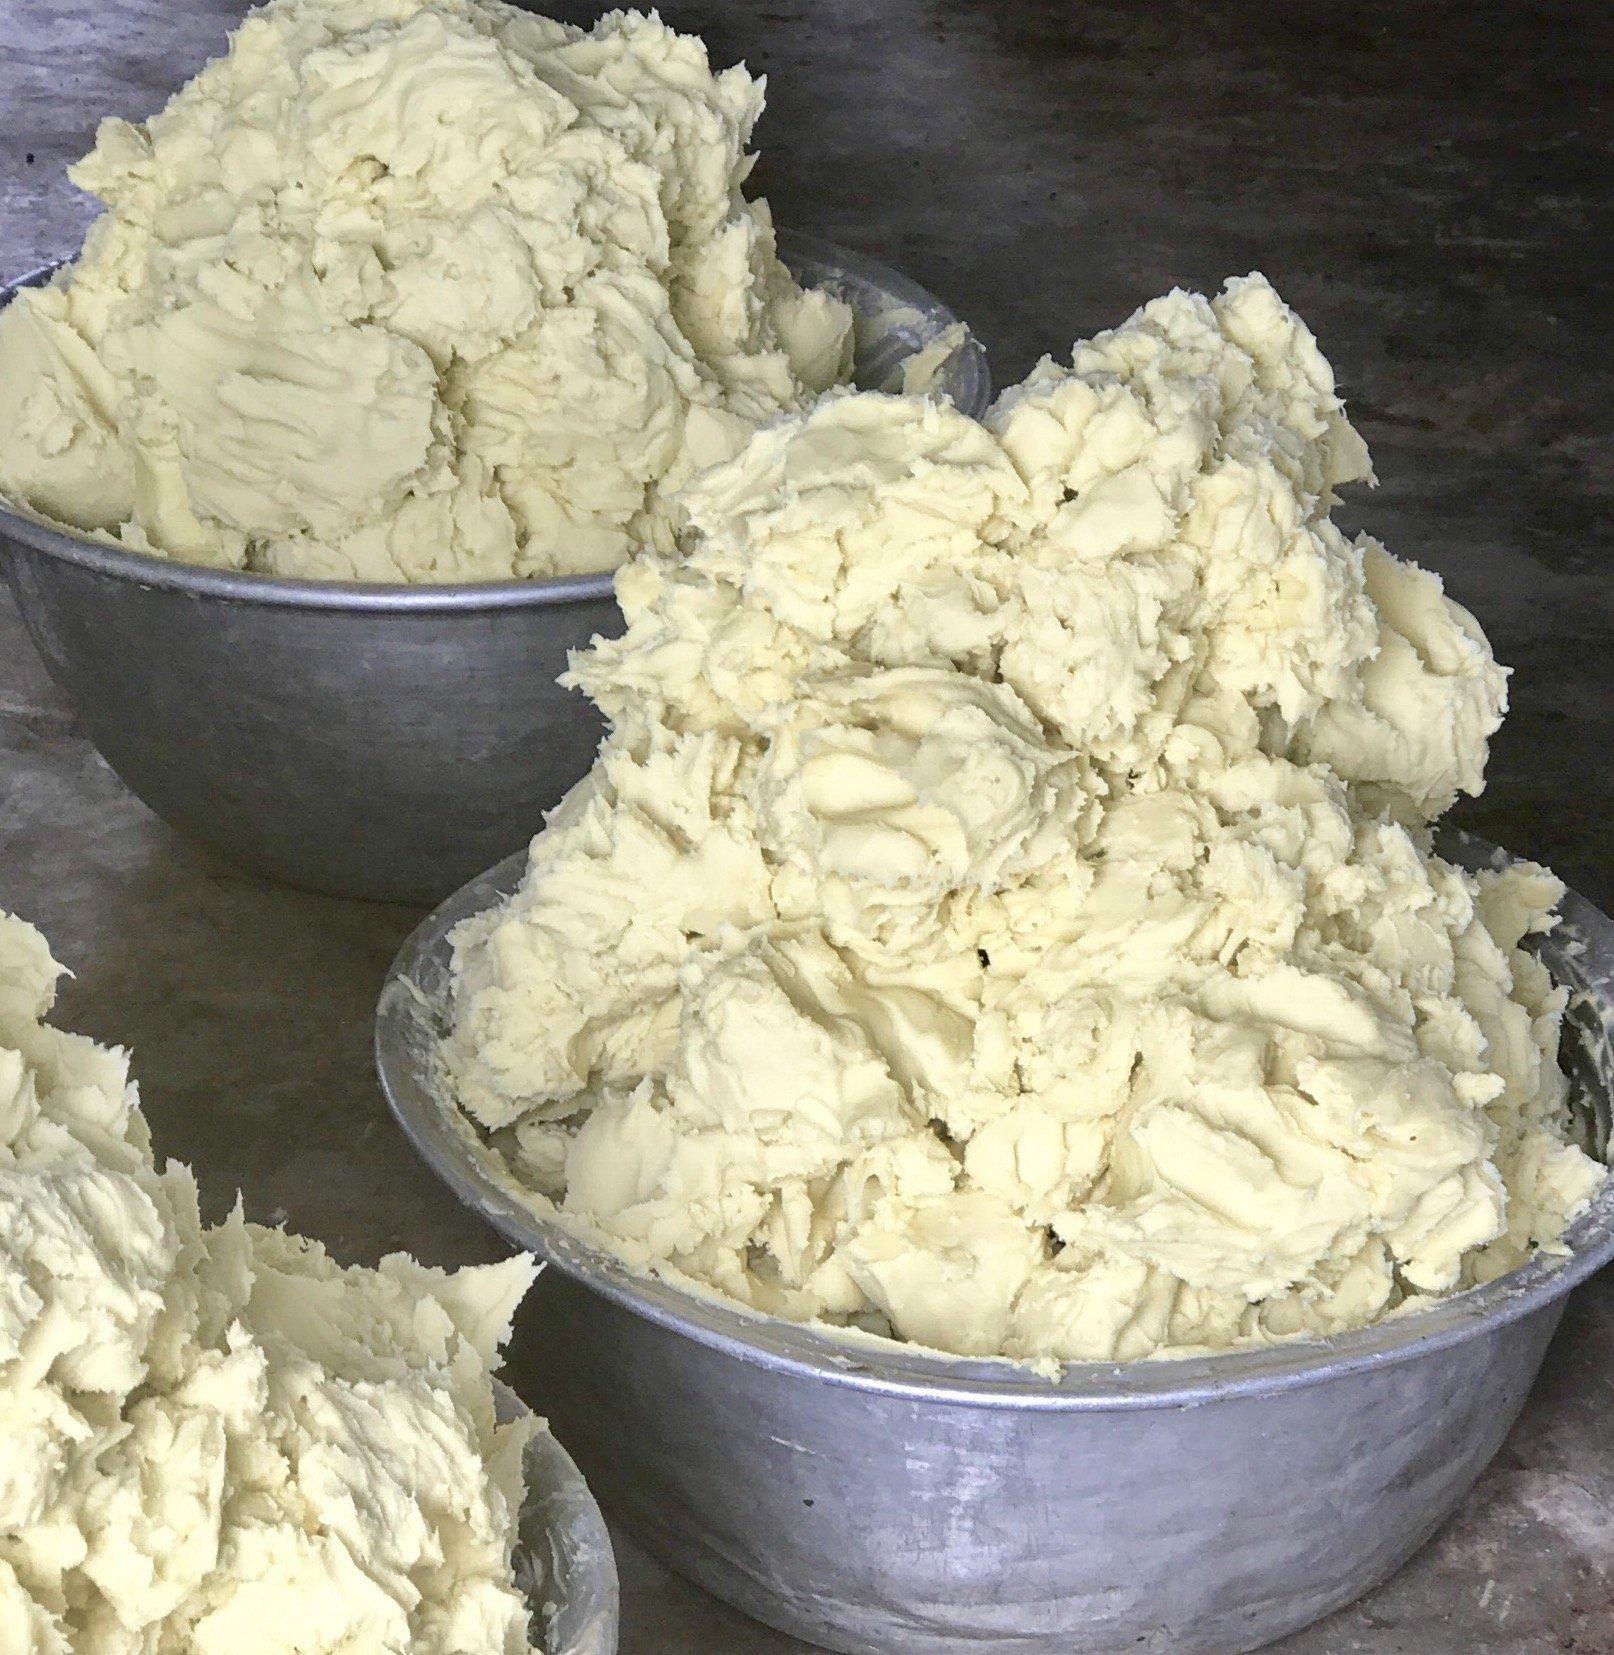 Unrefined Shea Butter by Better Shea Butter - Ivory - 1 lb by Better Shea Butter (Image #7)